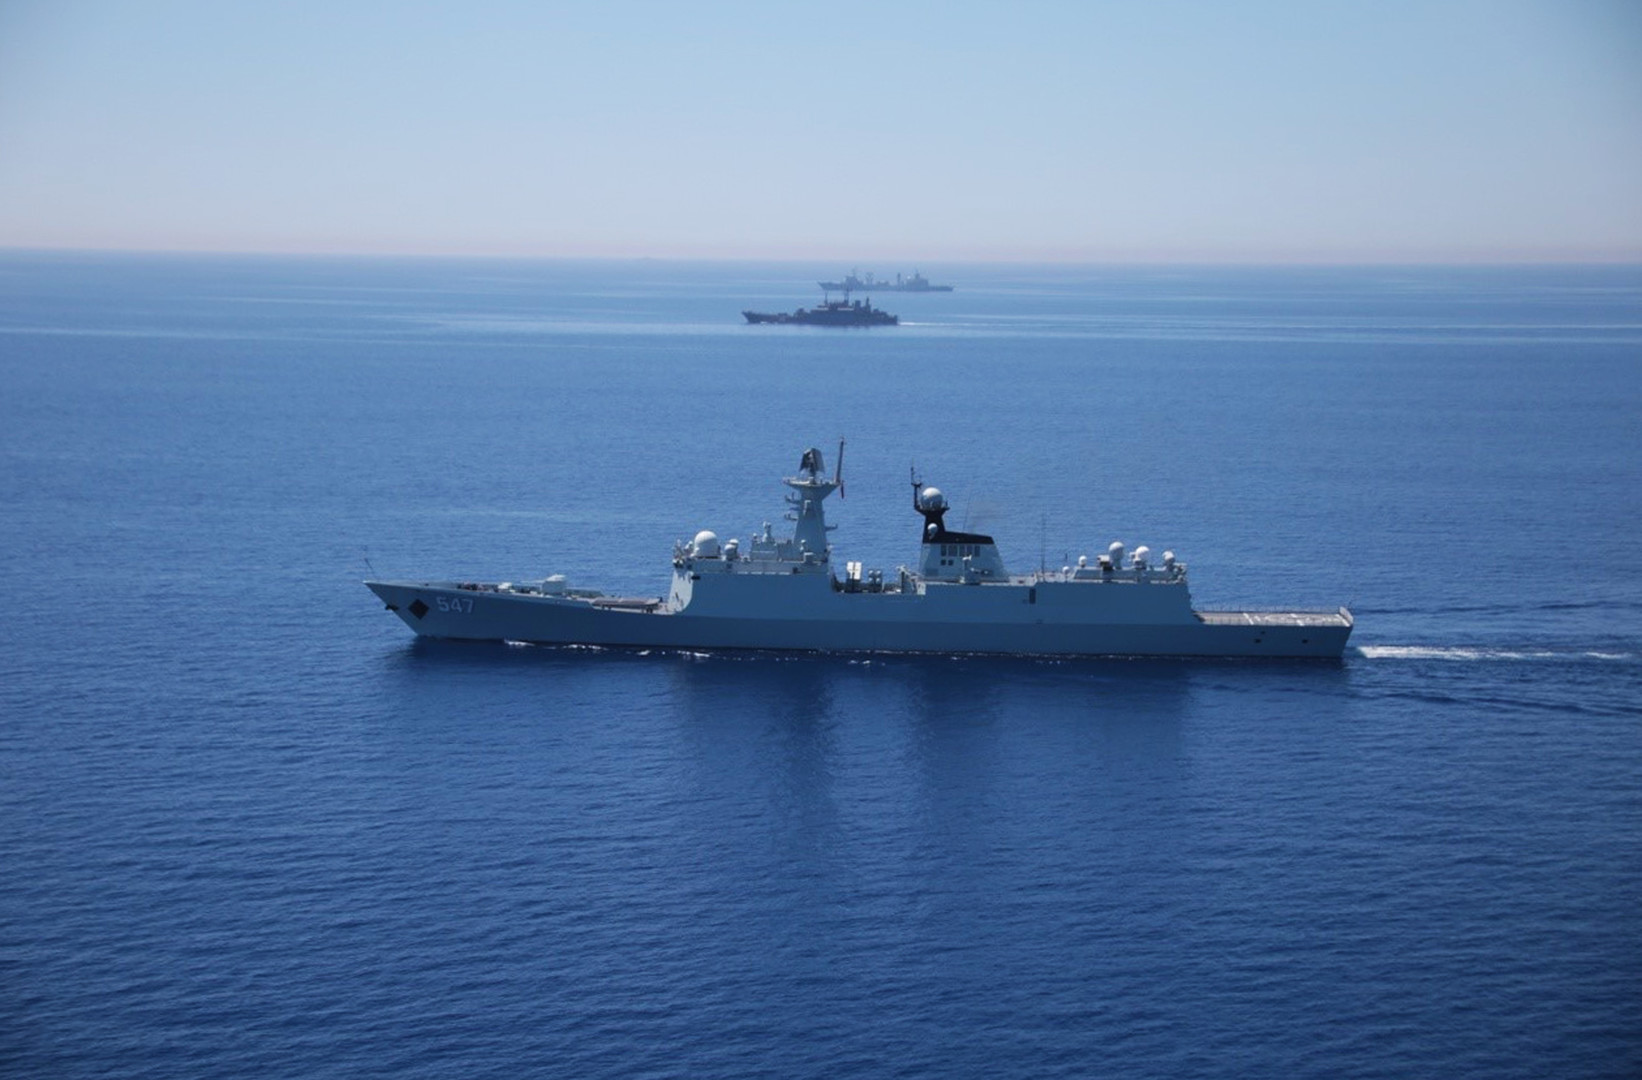 Китай сообщил о планах провести совместные с Россией учения в Южно-Китайском море